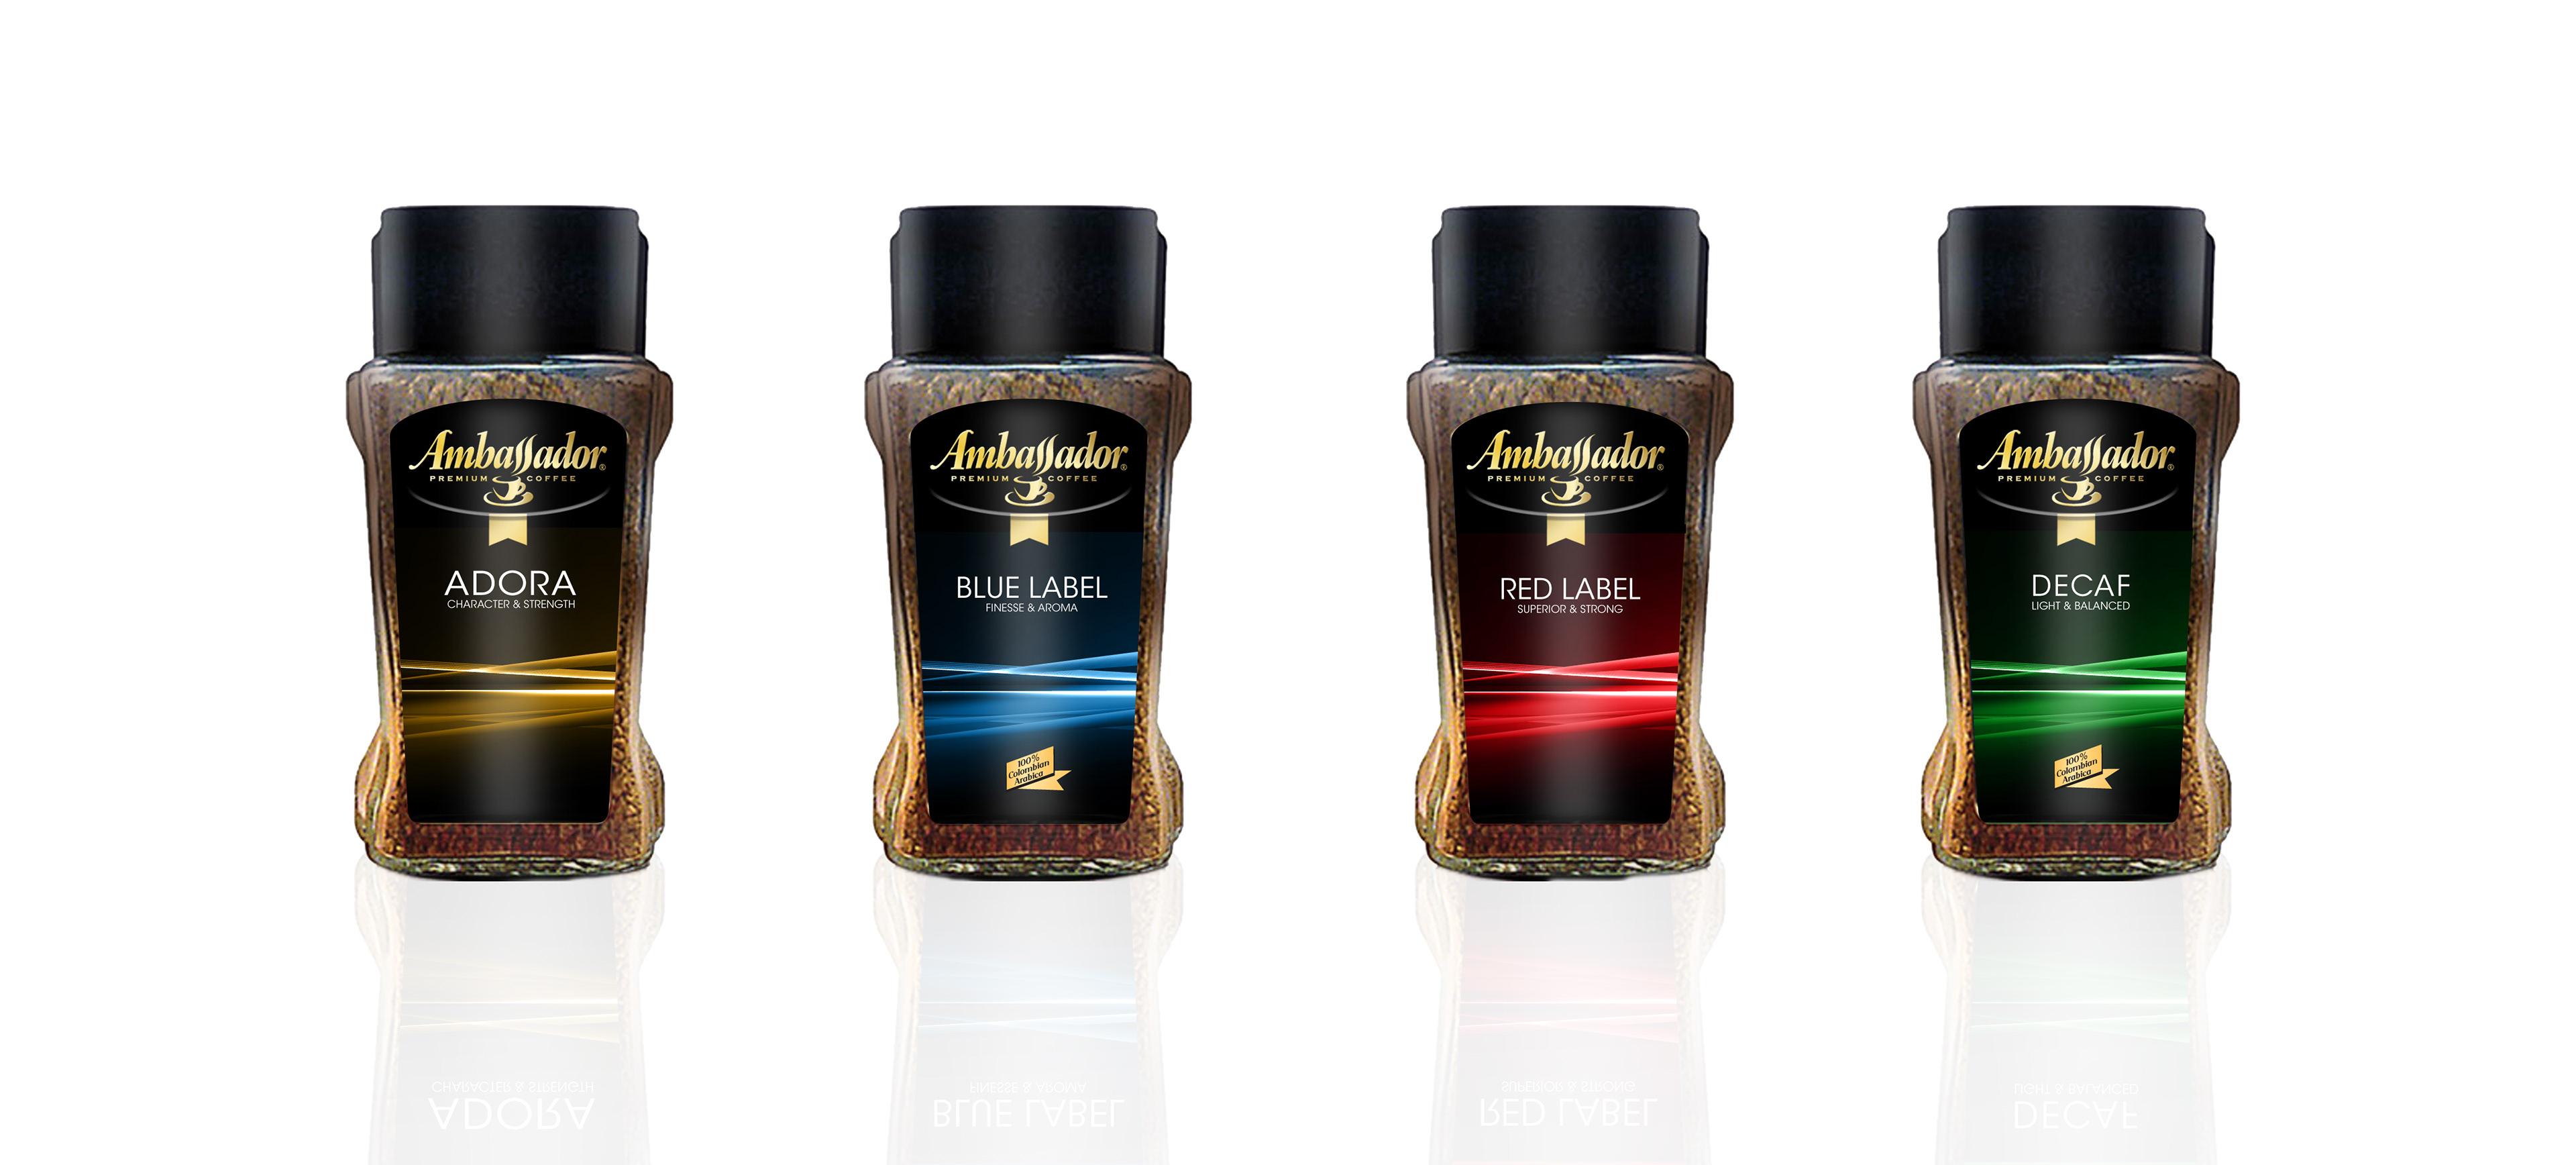 Кофе амбассадор (в зернах, молотый), продукция бренда ambassador